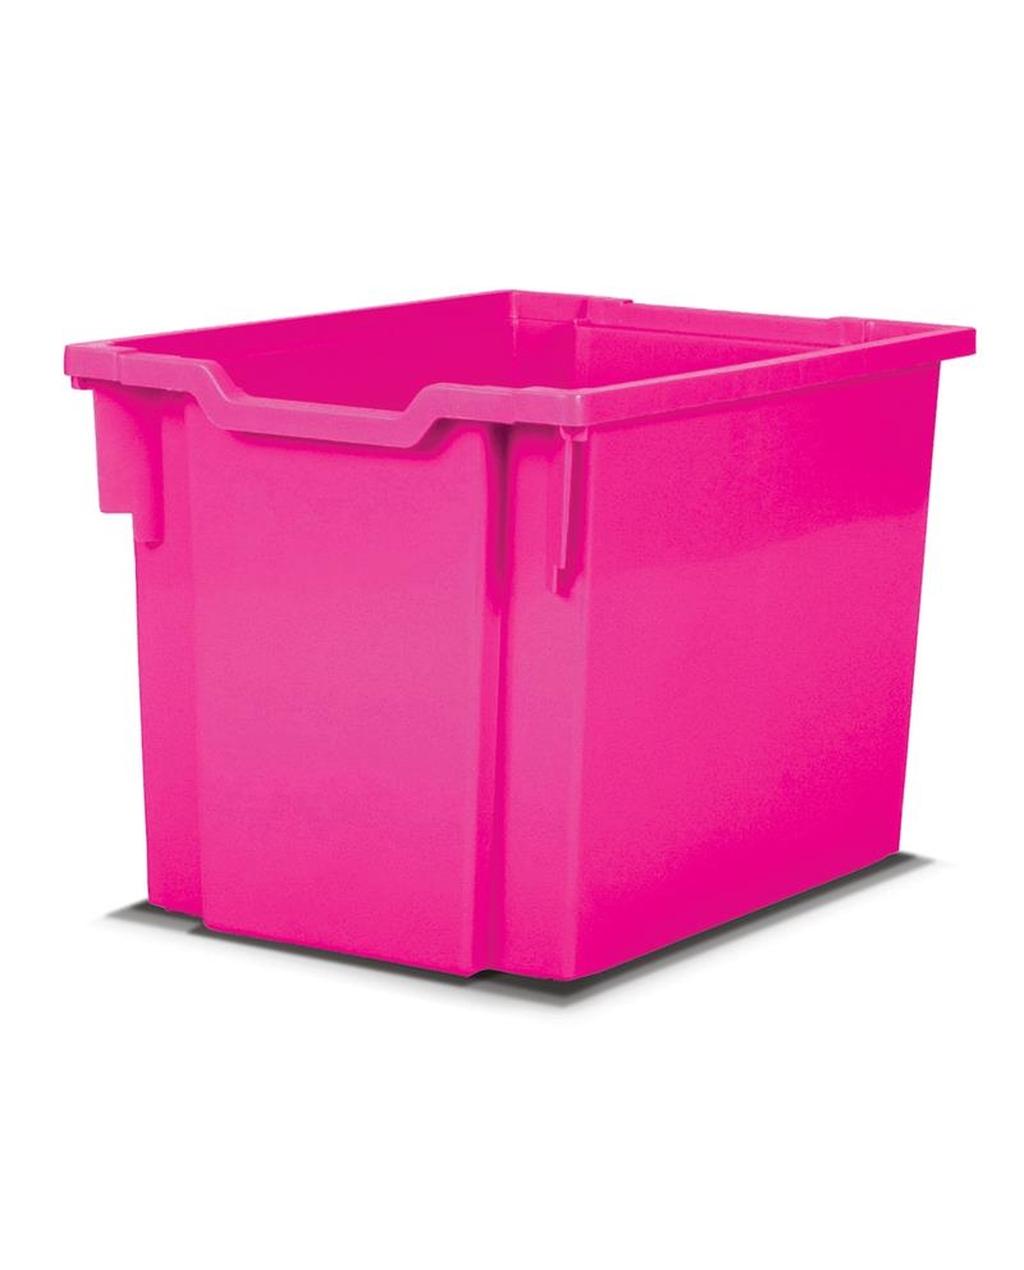 Gratnells Jumbo Trays - Fuchsia Pink